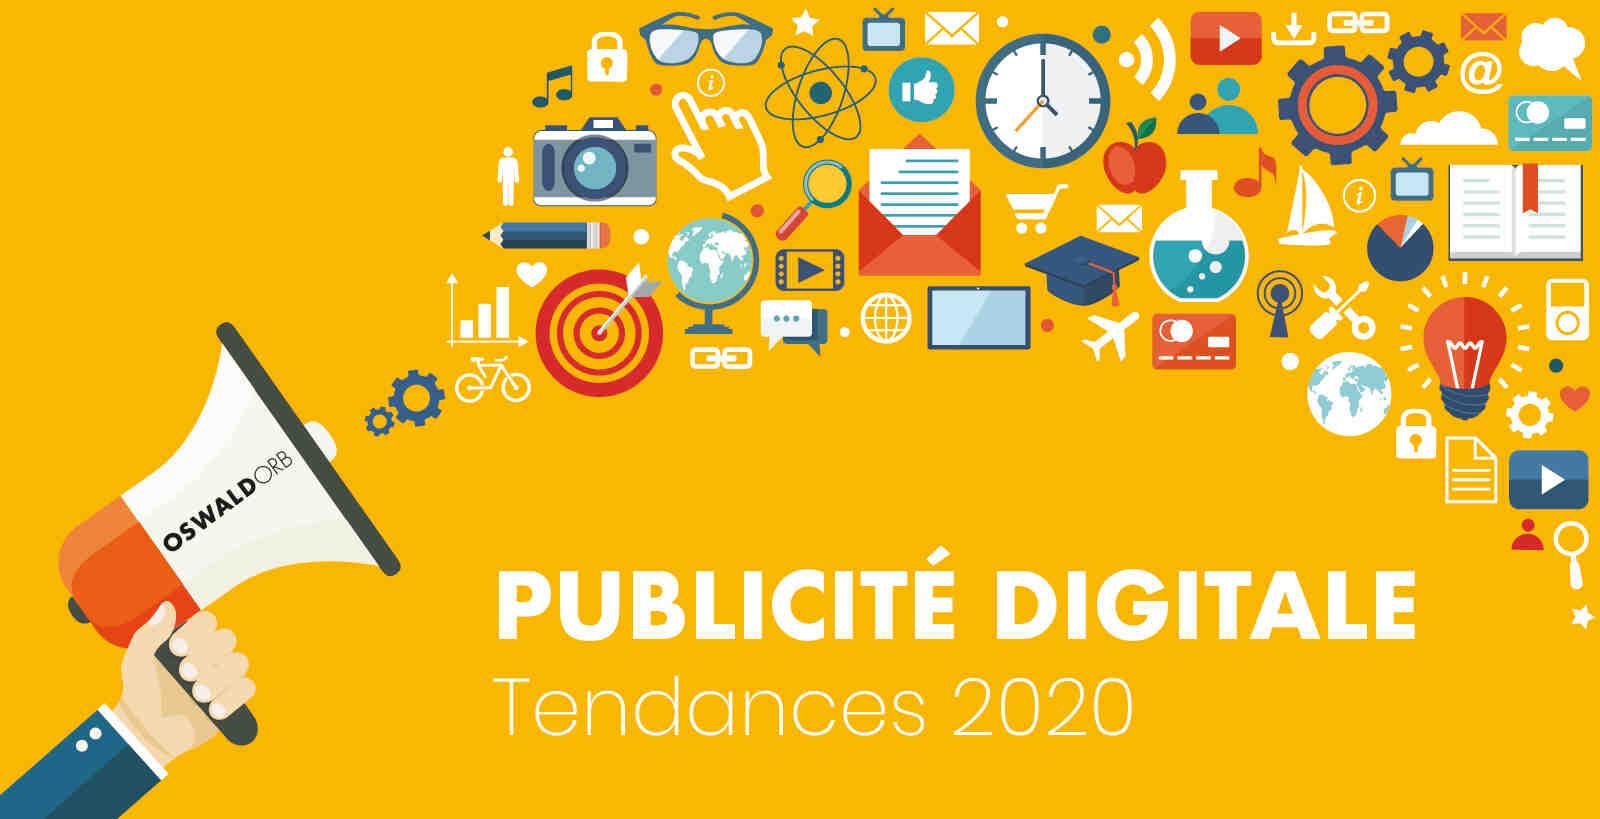 Pourquoi faire de la publicité numérique?